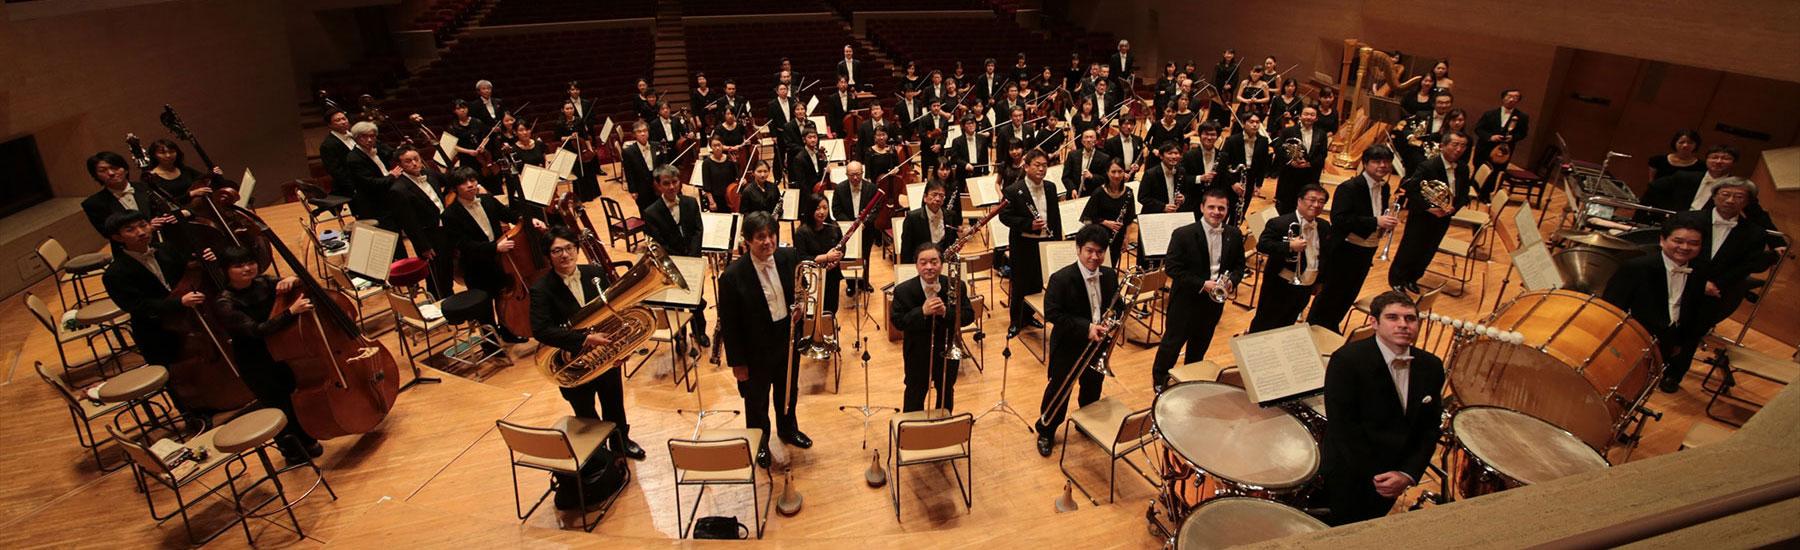 日本 フィルハーモニー 交響楽 団